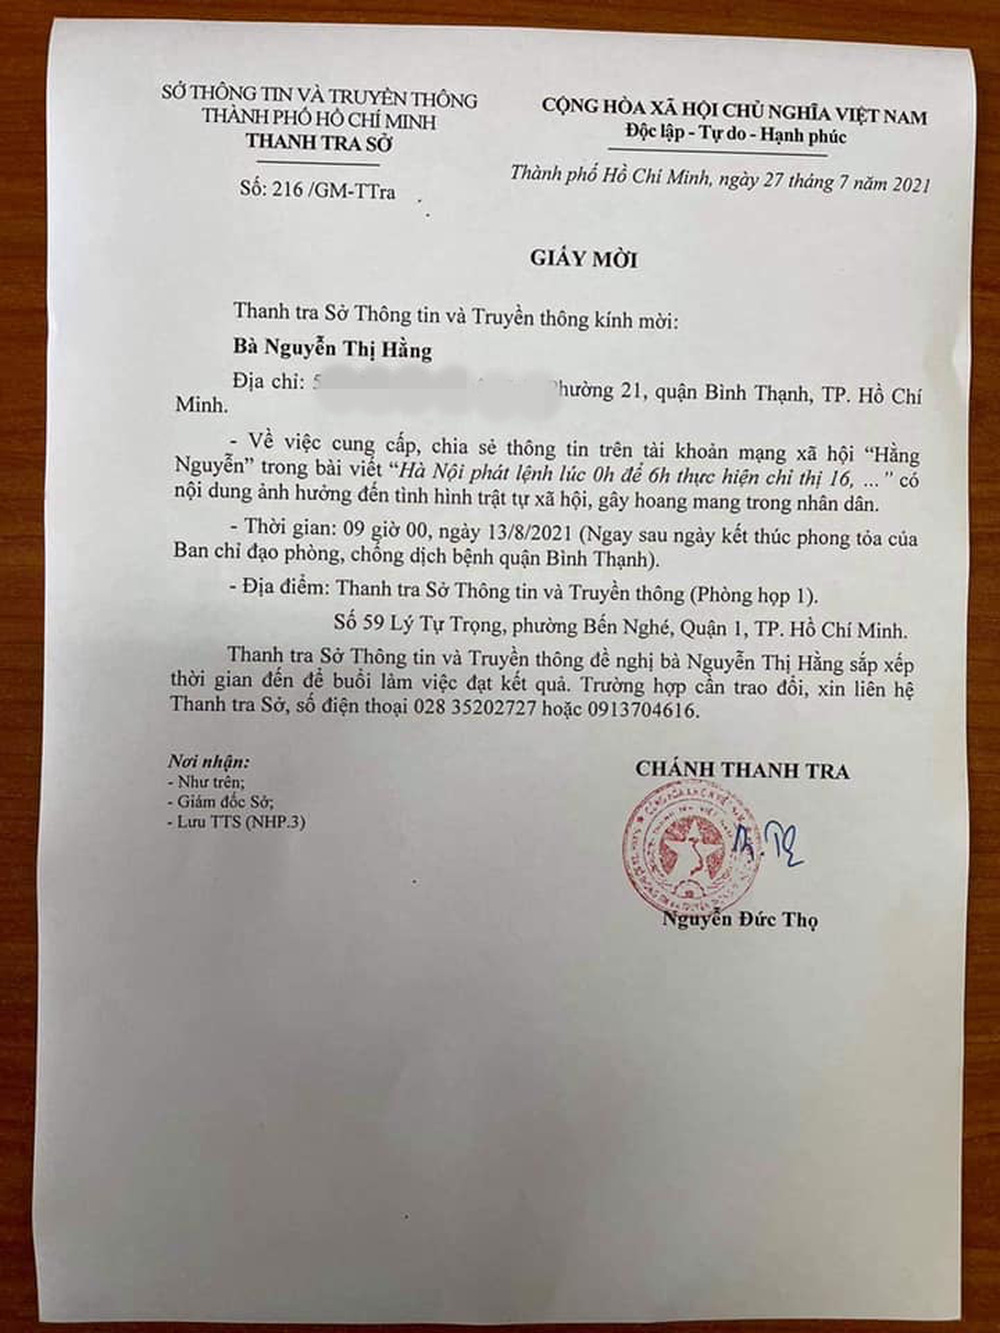 Sở Thông tin và Truyền thông TP.HCM mời mẹ ruột Hiền Sến đến làm việc về bài viết gây bức xúc dư luận - Ảnh 1.